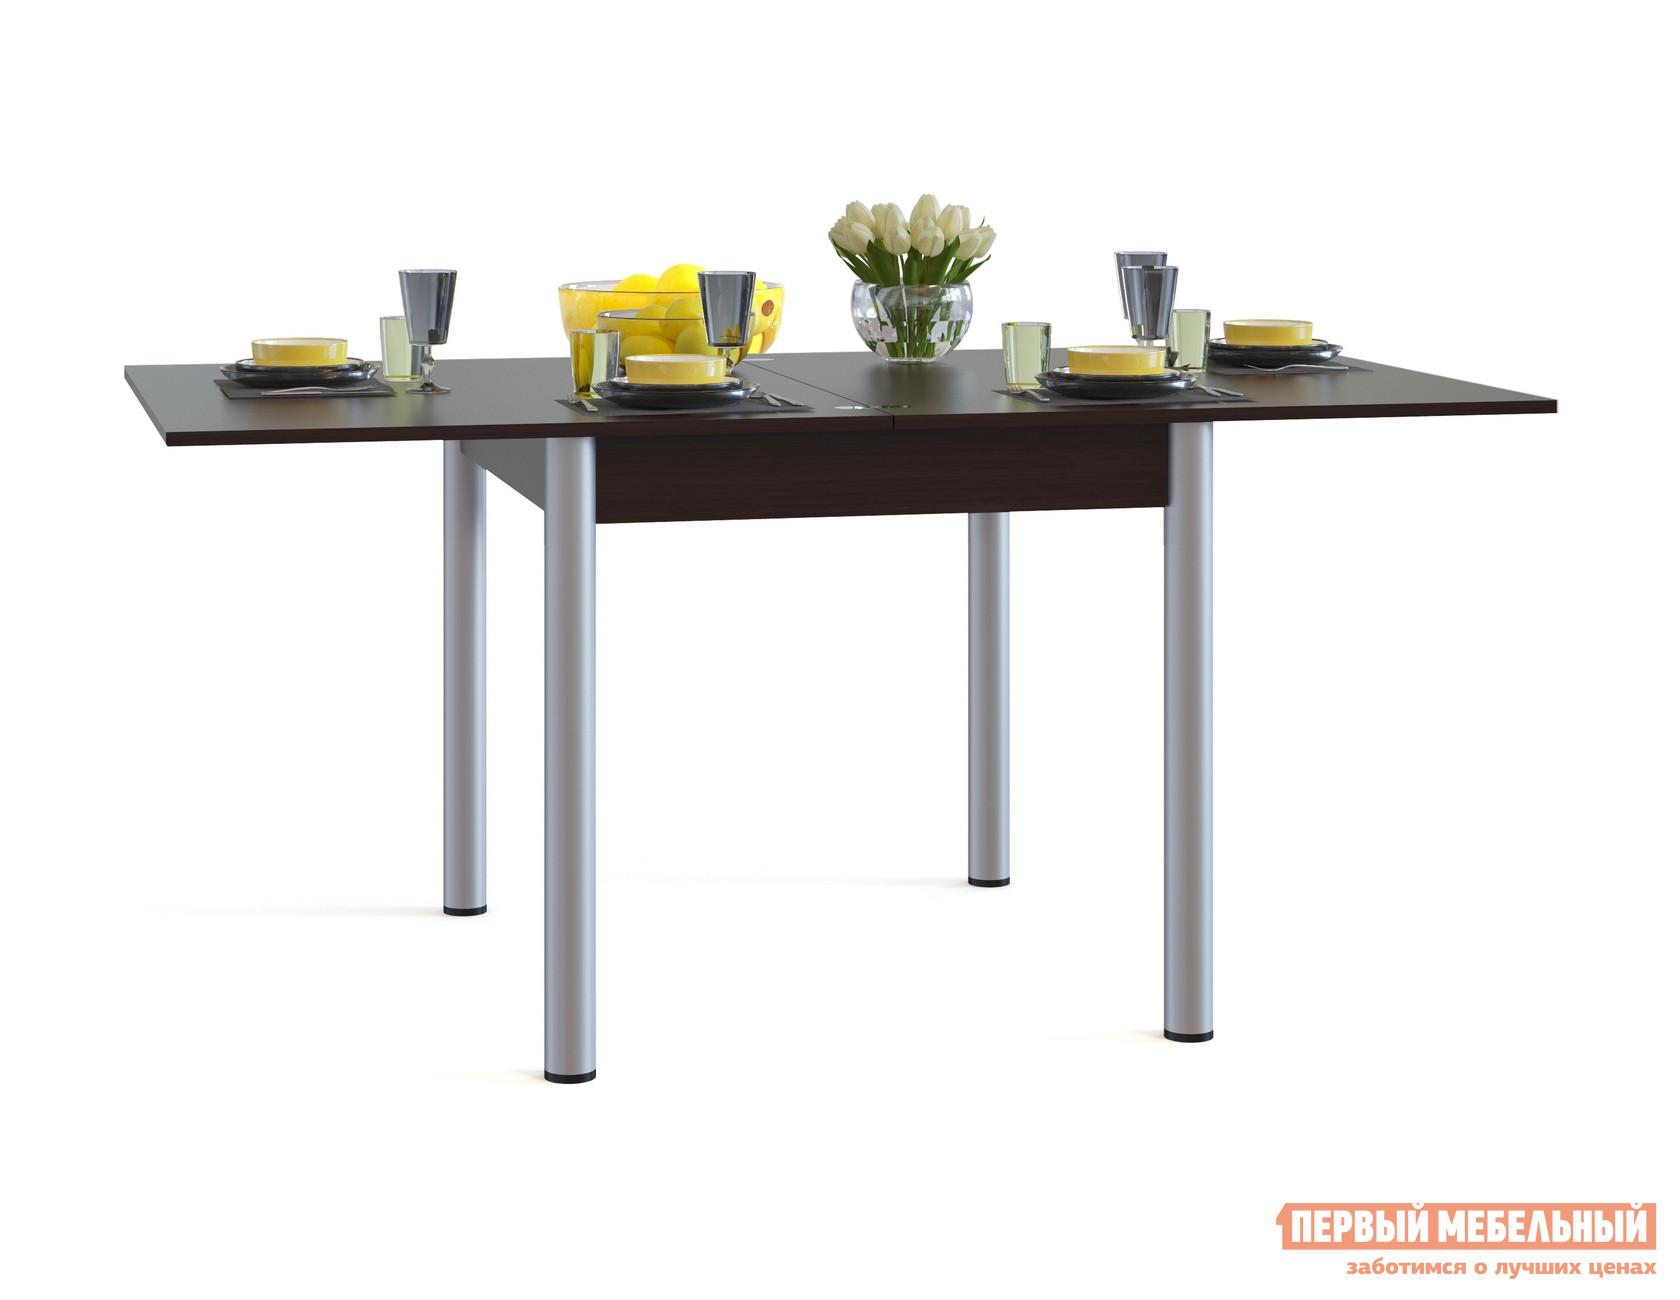 Кухонный стол Сокол СО-2м ВенгеКухонные столы<br>Габаритные размеры ВхШхГ 772 / 756x800 / 1600x900 мм. Классический обеденный стол на металлических ножках.  Модель прекрасно подойдет для небольшой кухни за счет компактных размеров. Стол оборудован раскладным механизмом, который позволяет увеличить столешницу до 1600 мм.  Чтобы разложить стол, нужно отодвинуть столешницу в сторону и раскрыть как книжку.  Легко и практично. Обратите внимание! В разложенном состоянии петли будут на поверхности столешницы. Столешница и подстолье изготавливаются из ЛДСП толщиной 16 мм.  Края столешницы обработаны кромкой ПВХ 2 мм, остальные детали — ПВХ 0,4 мм.  Ножки — металлические.<br><br>Цвет: Венге<br>Цвет: Венге<br>Высота мм: 772 / 756<br>Ширина мм: 800 / 1600<br>Глубина мм: 900<br>Кол-во упаковок: 1<br>Форма поставки: В разобранном виде<br>Срок гарантии: 2 года<br>Тип: Раскладные, Трансформер<br>Материал: Деревянные, из ЛДСП<br>Форма: Прямоугольные<br>Размер: Маленькие<br>Особенности: С металлическими ножками